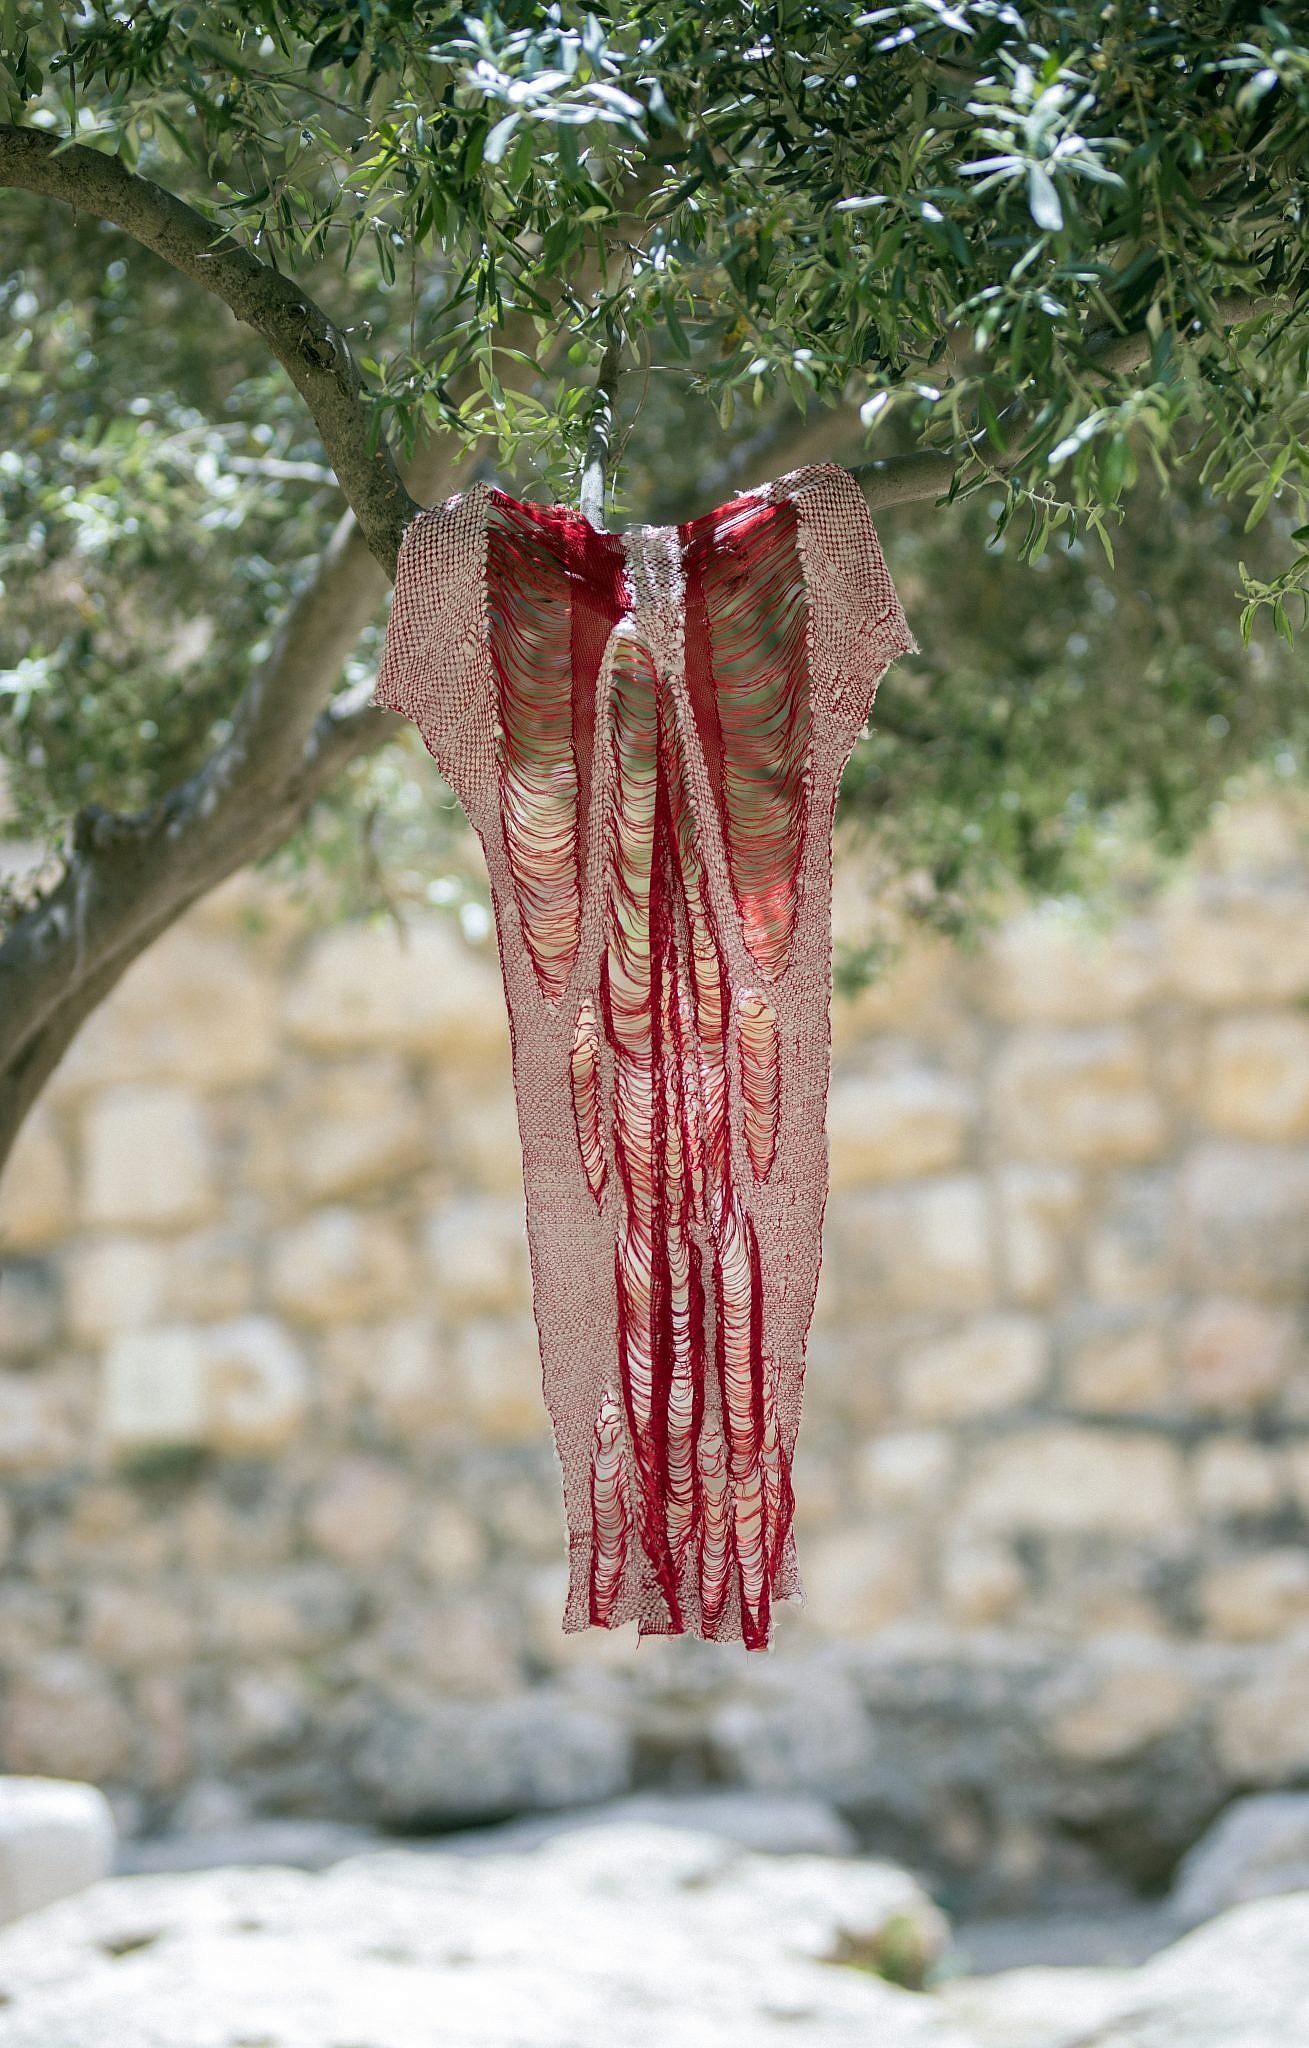 שמלת גוף האדם, חלק מפרוקיט הקולקטיב OVERALL של מוריאל דז'לטי. צילום: ריקי רחמן